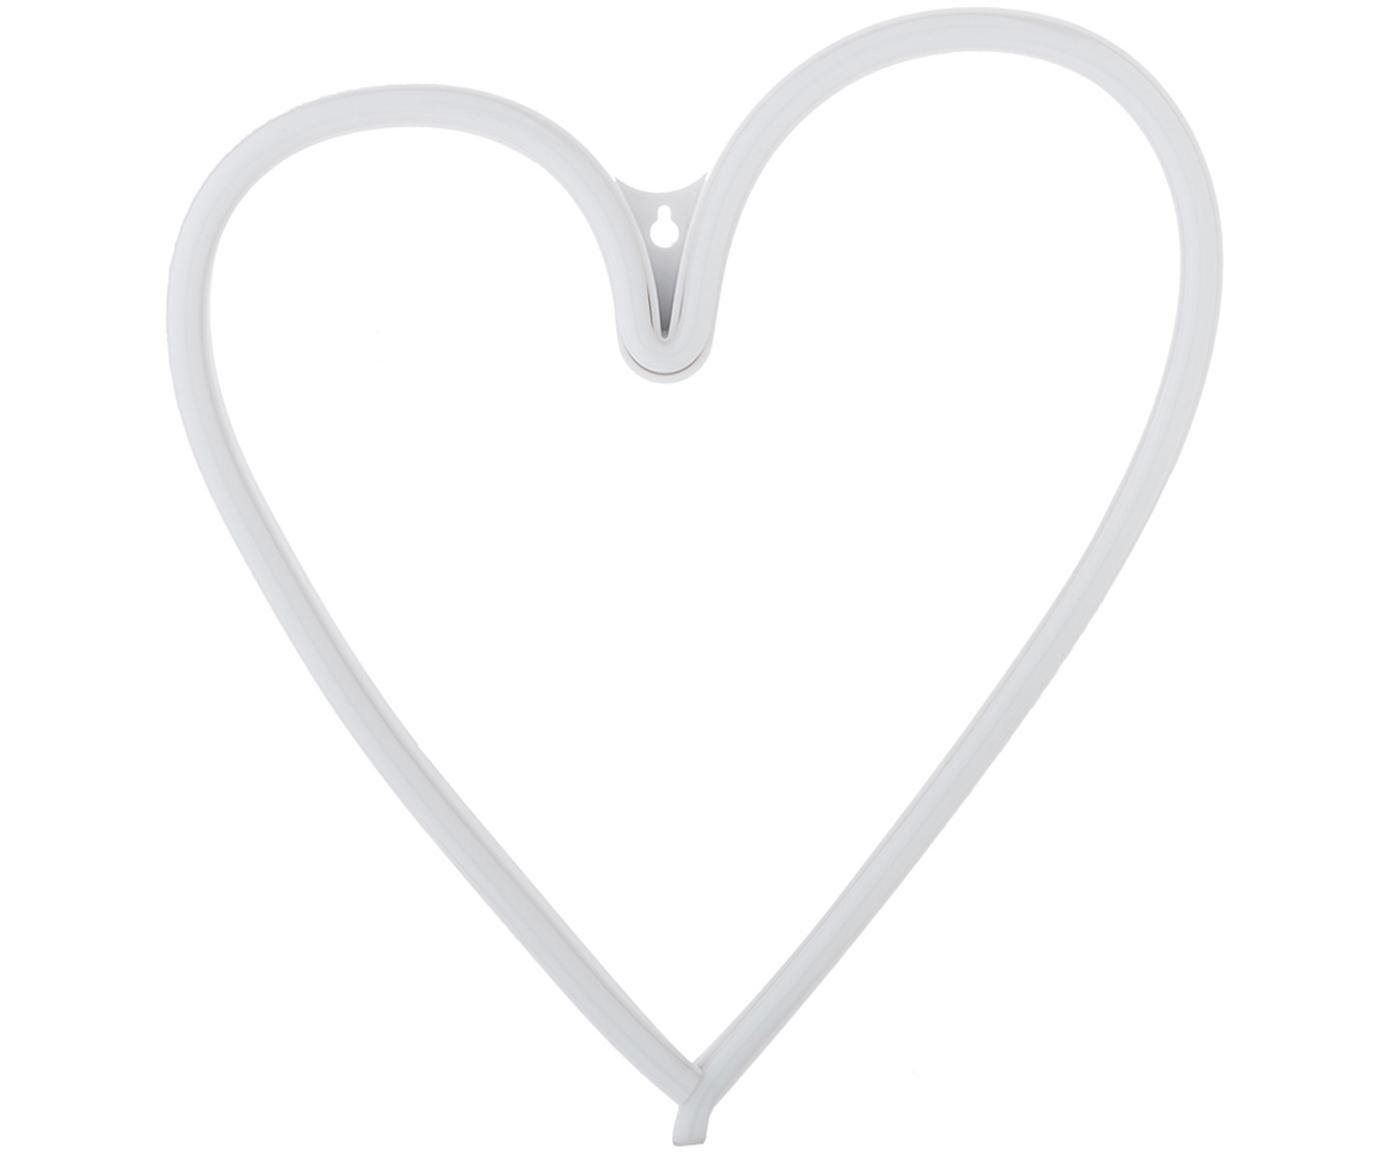 Kinkiet LED Heart, Kolor światła: żółty Po wyłączeniu lampa LED jest biała, S 30 x W 29 cm